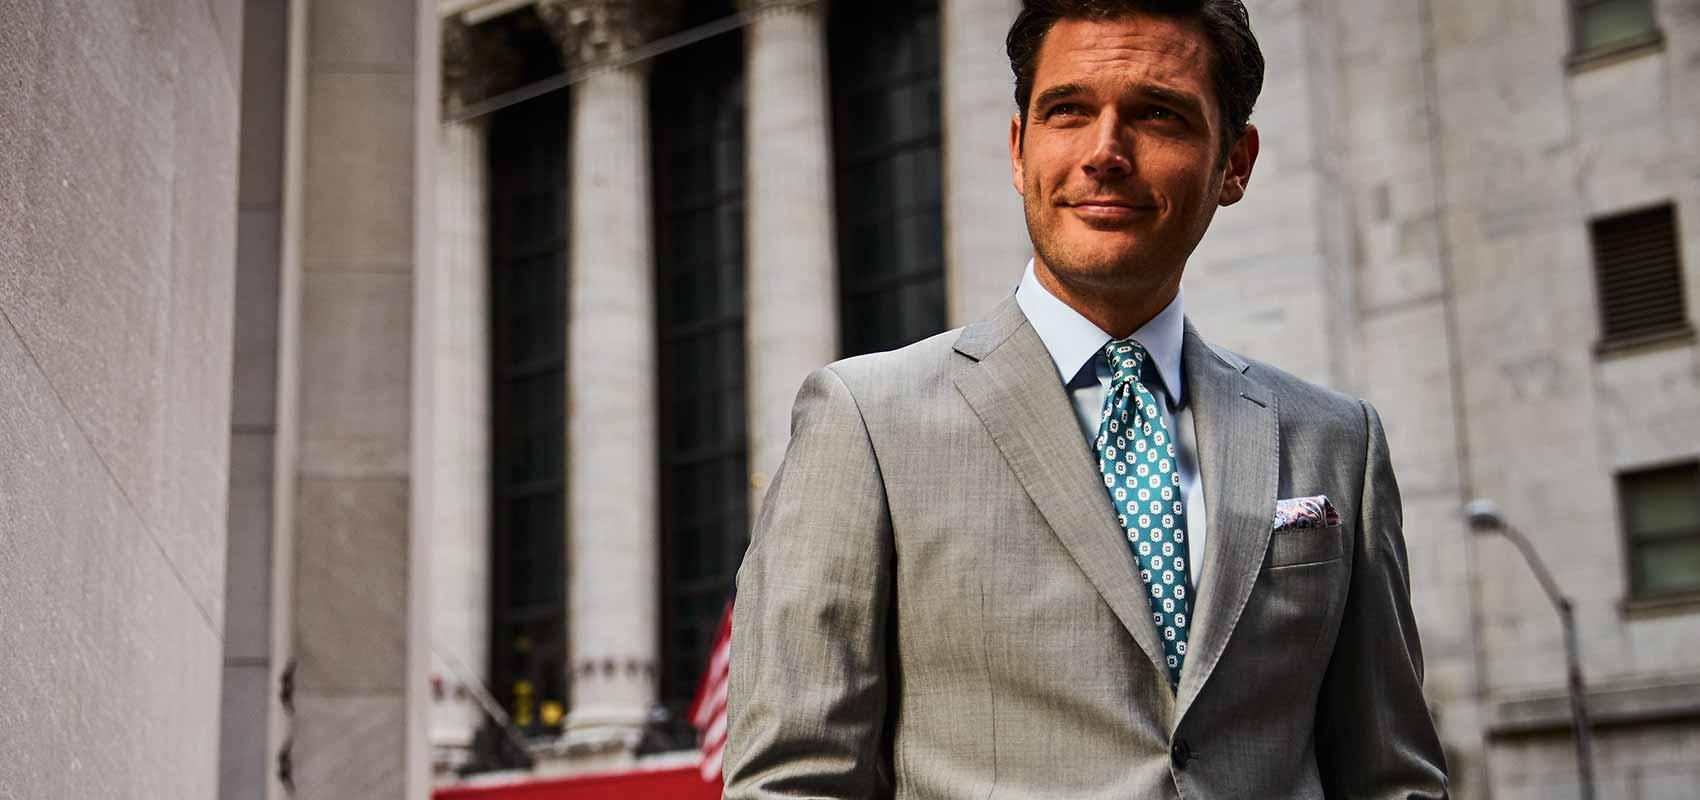 Charles Tyrwhitt Italian suits